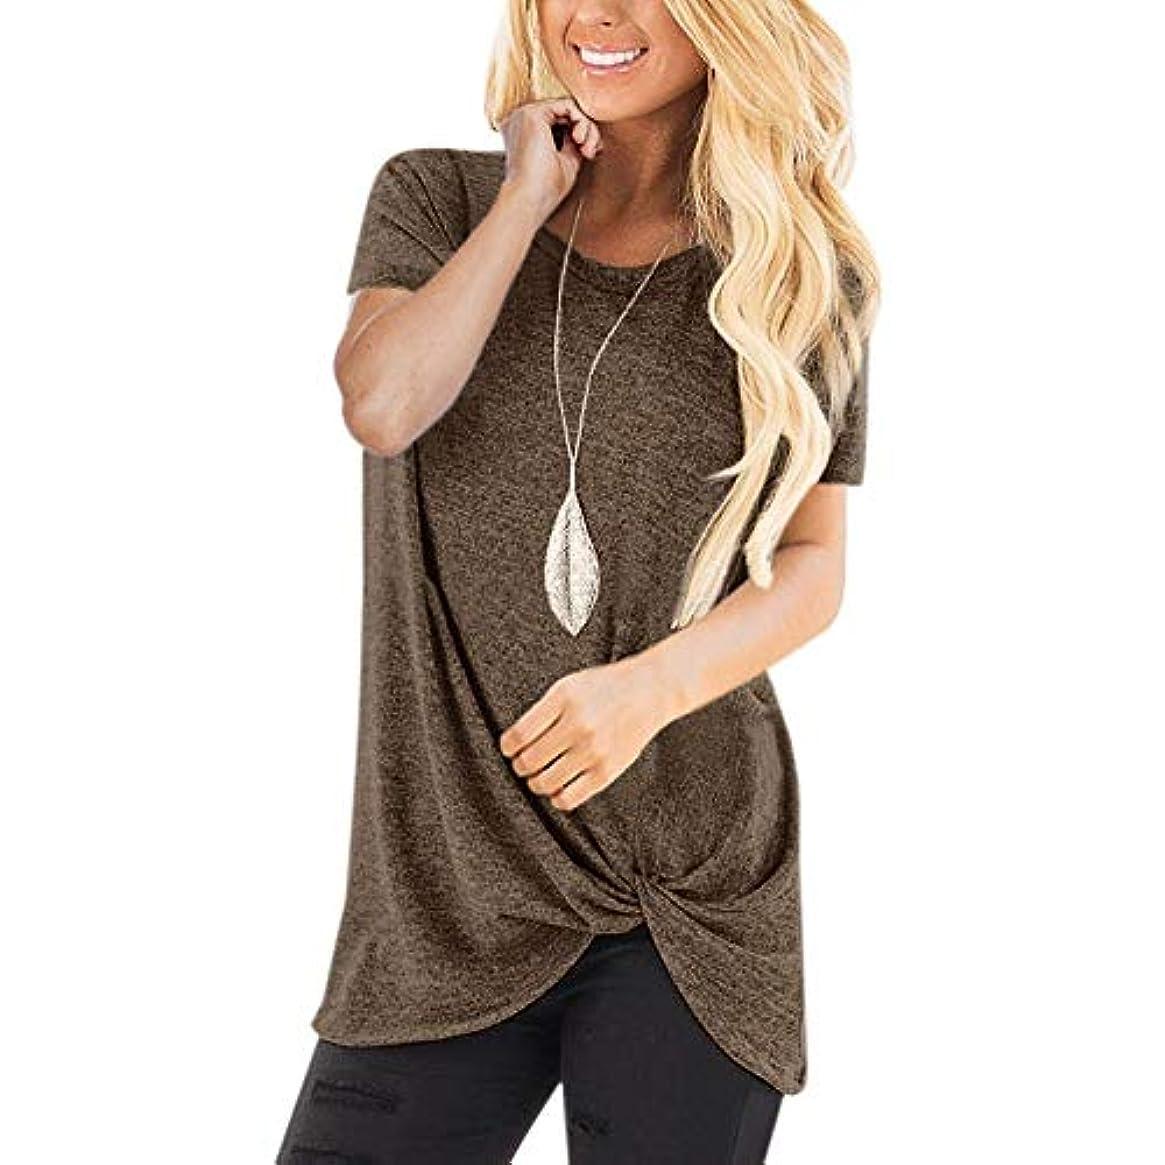 サンダースウサギいうMIFAN コットンTシャツ、カジュアルTシャツ、レディースブラウス、トップス&Tシャツ、プラスサイズ、ルーズtシャツ